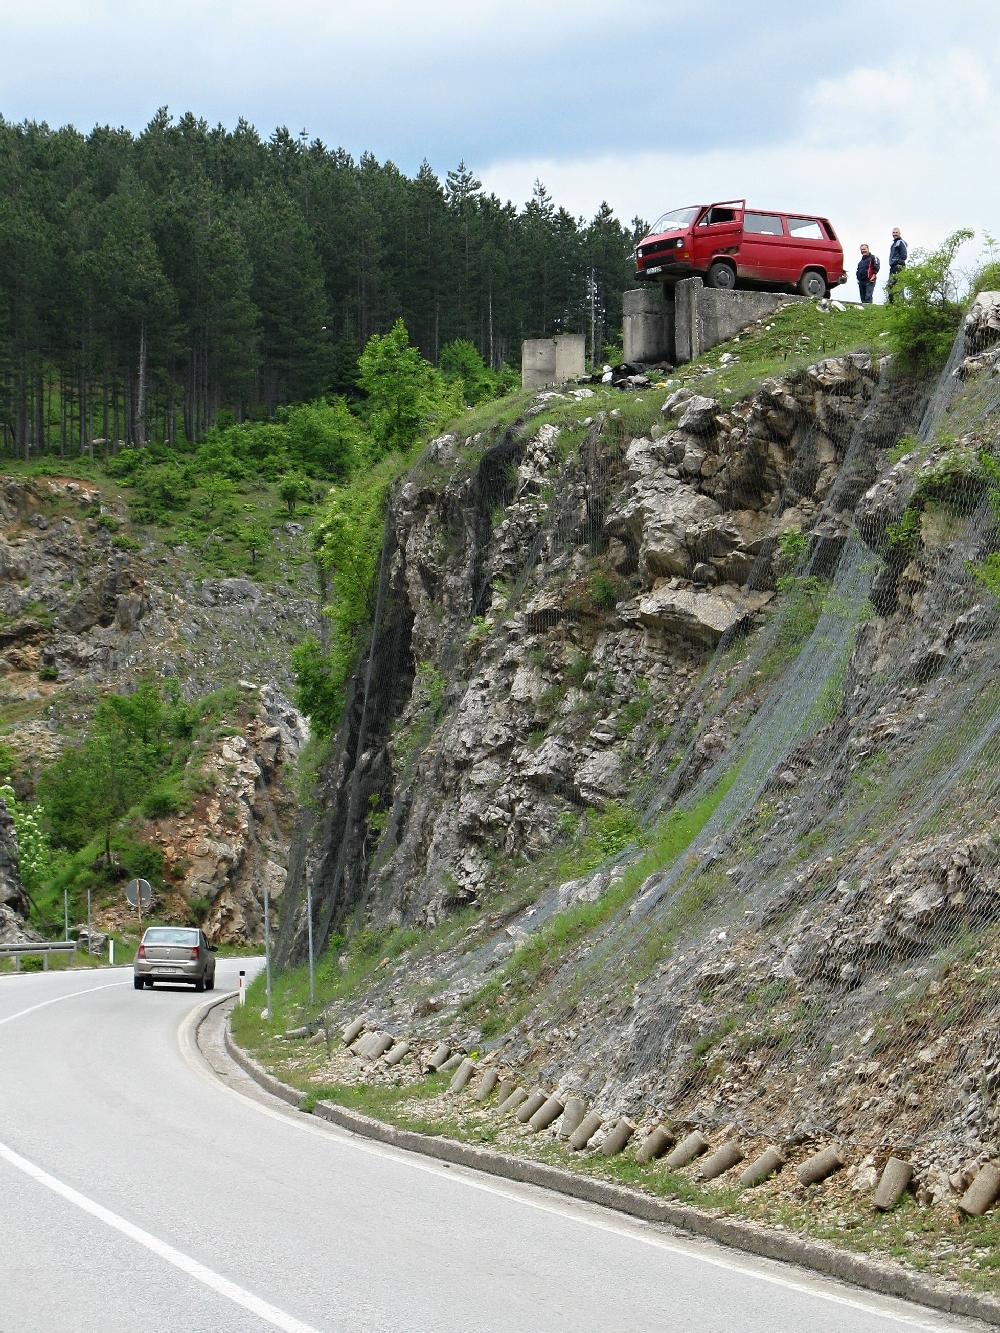 Bosna 2010 - Šemík před skokem